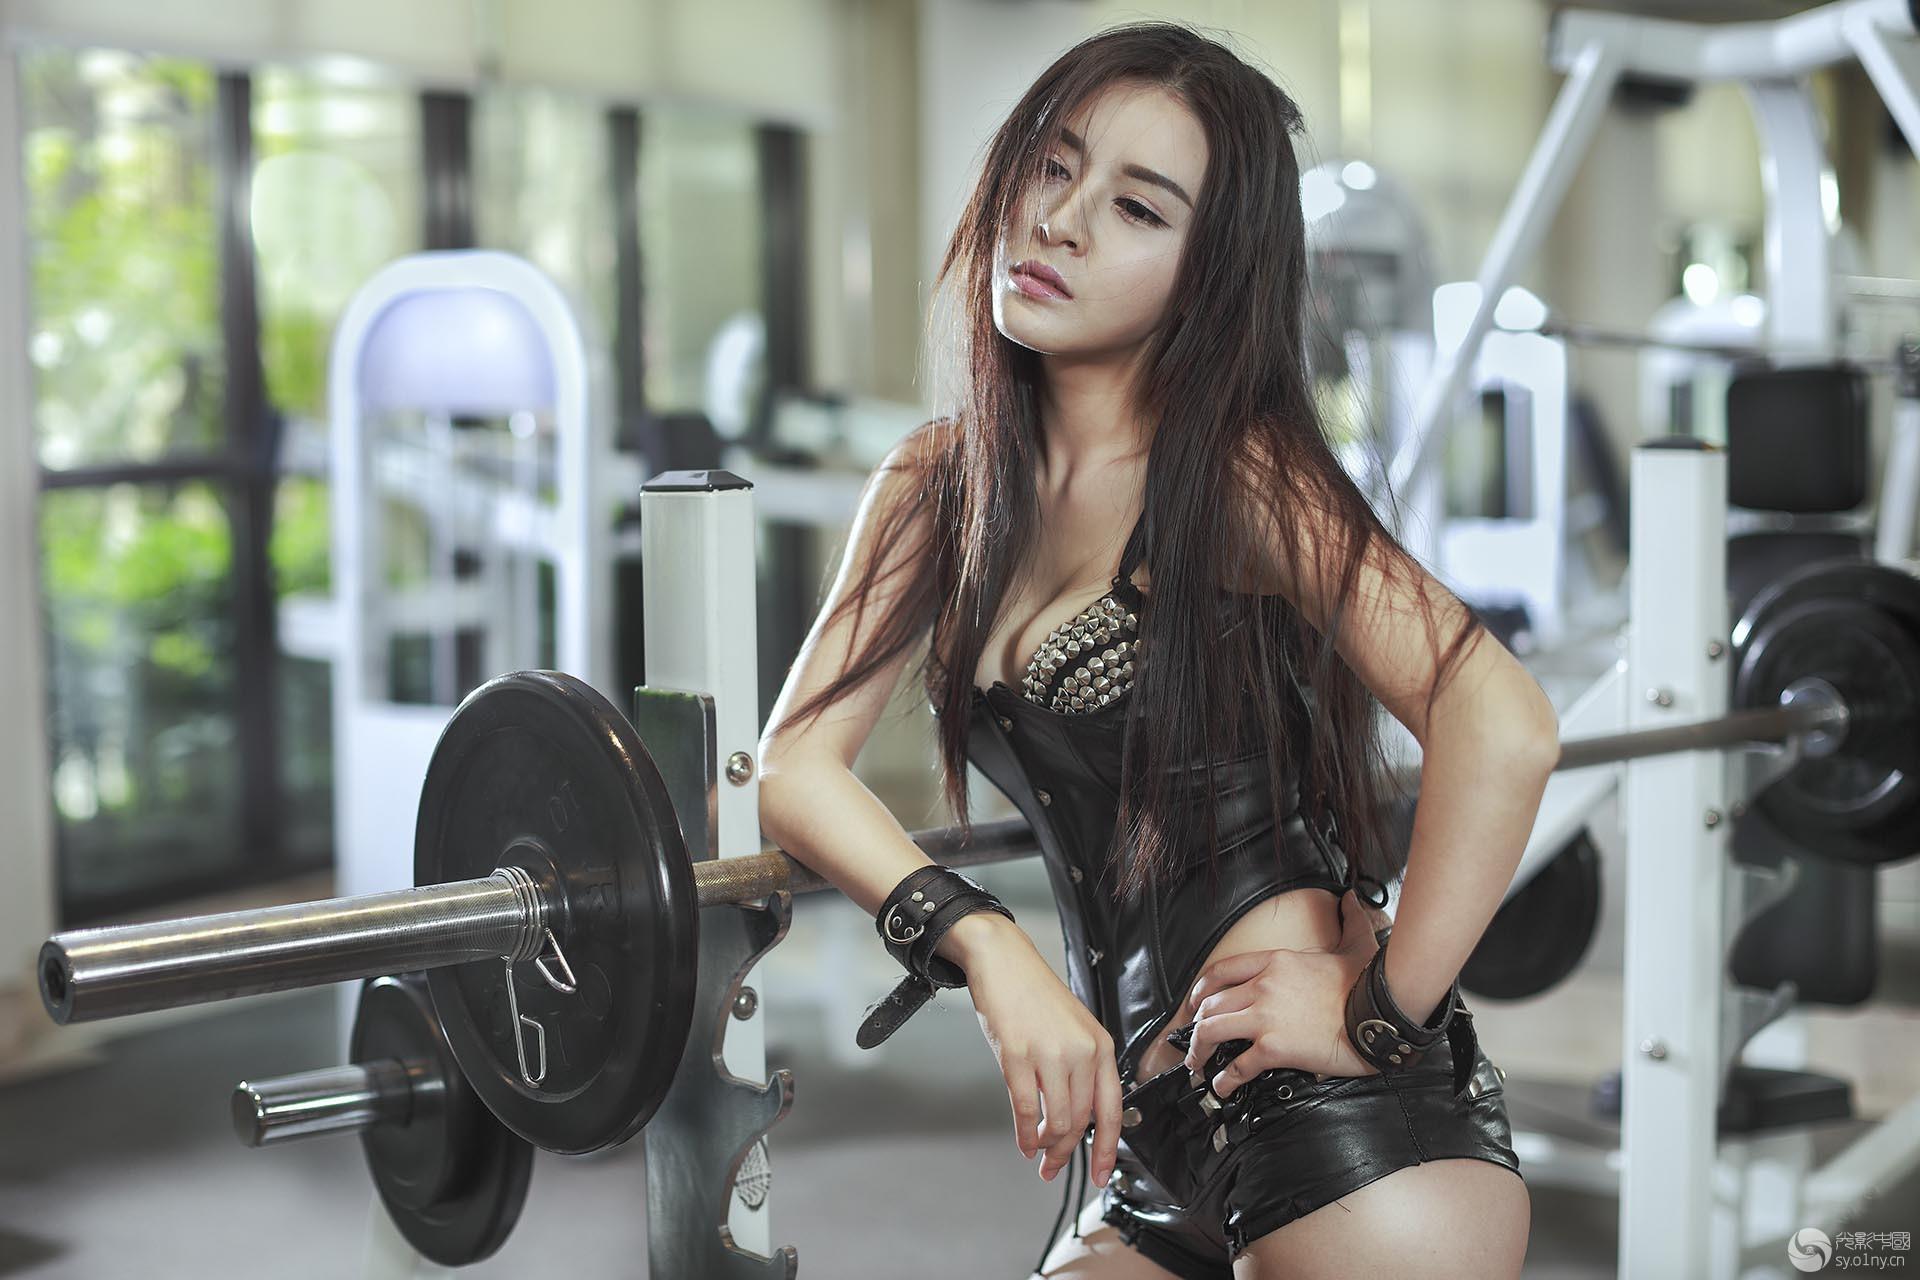 健身房美女-人像-36行南阳社区-36.01ny